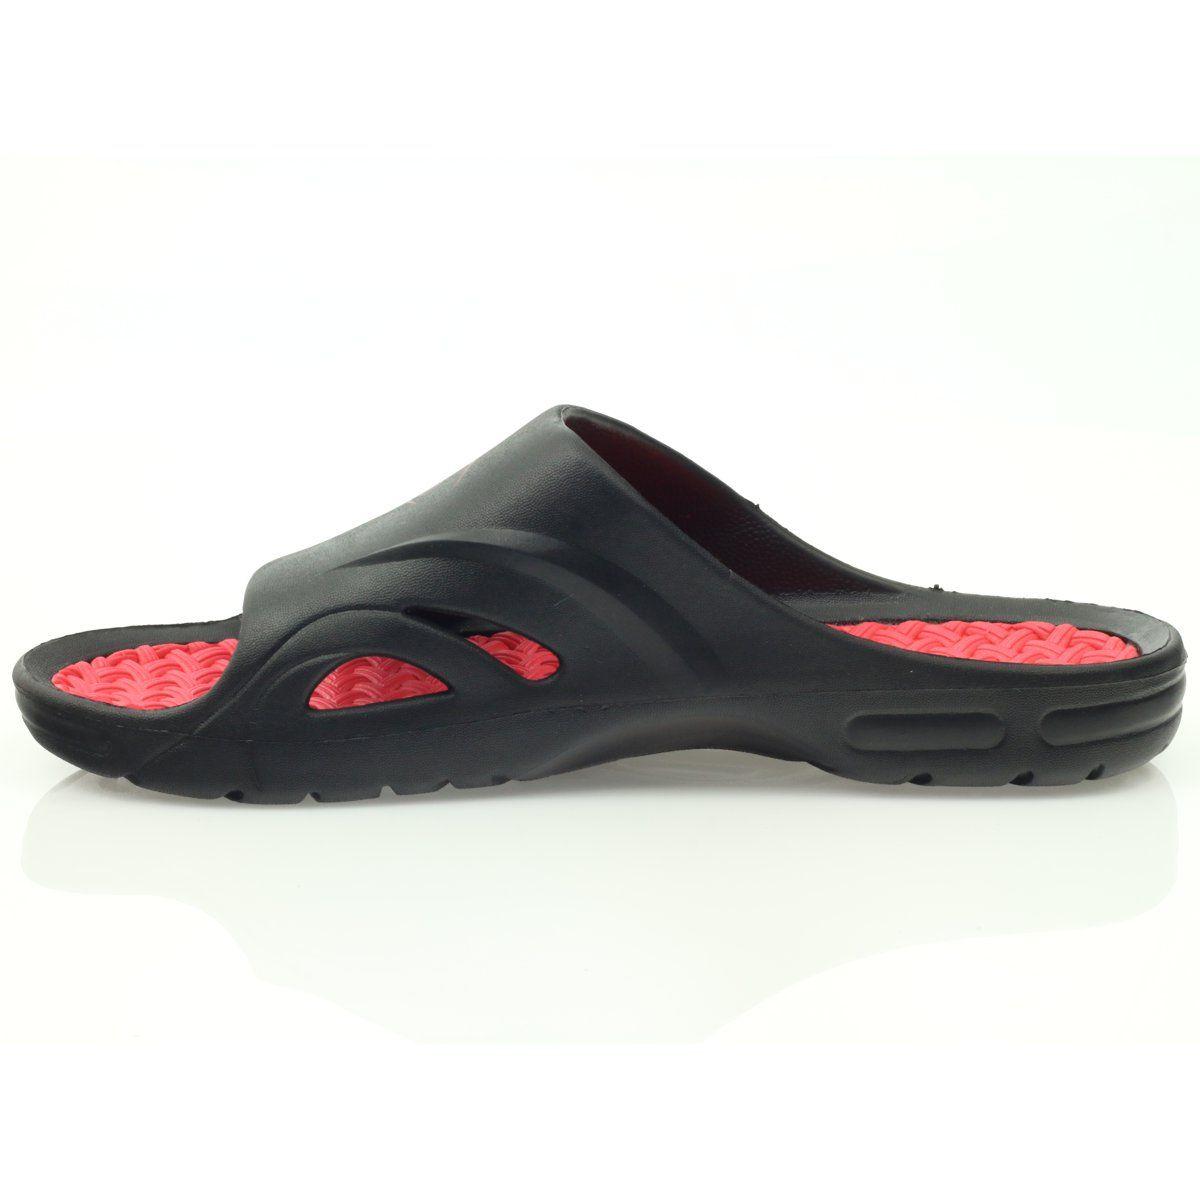 Klapki Meskie Americanclub American Club Klapki Basenowe Piankowe American Slip On Sneaker Shoes Sneakers